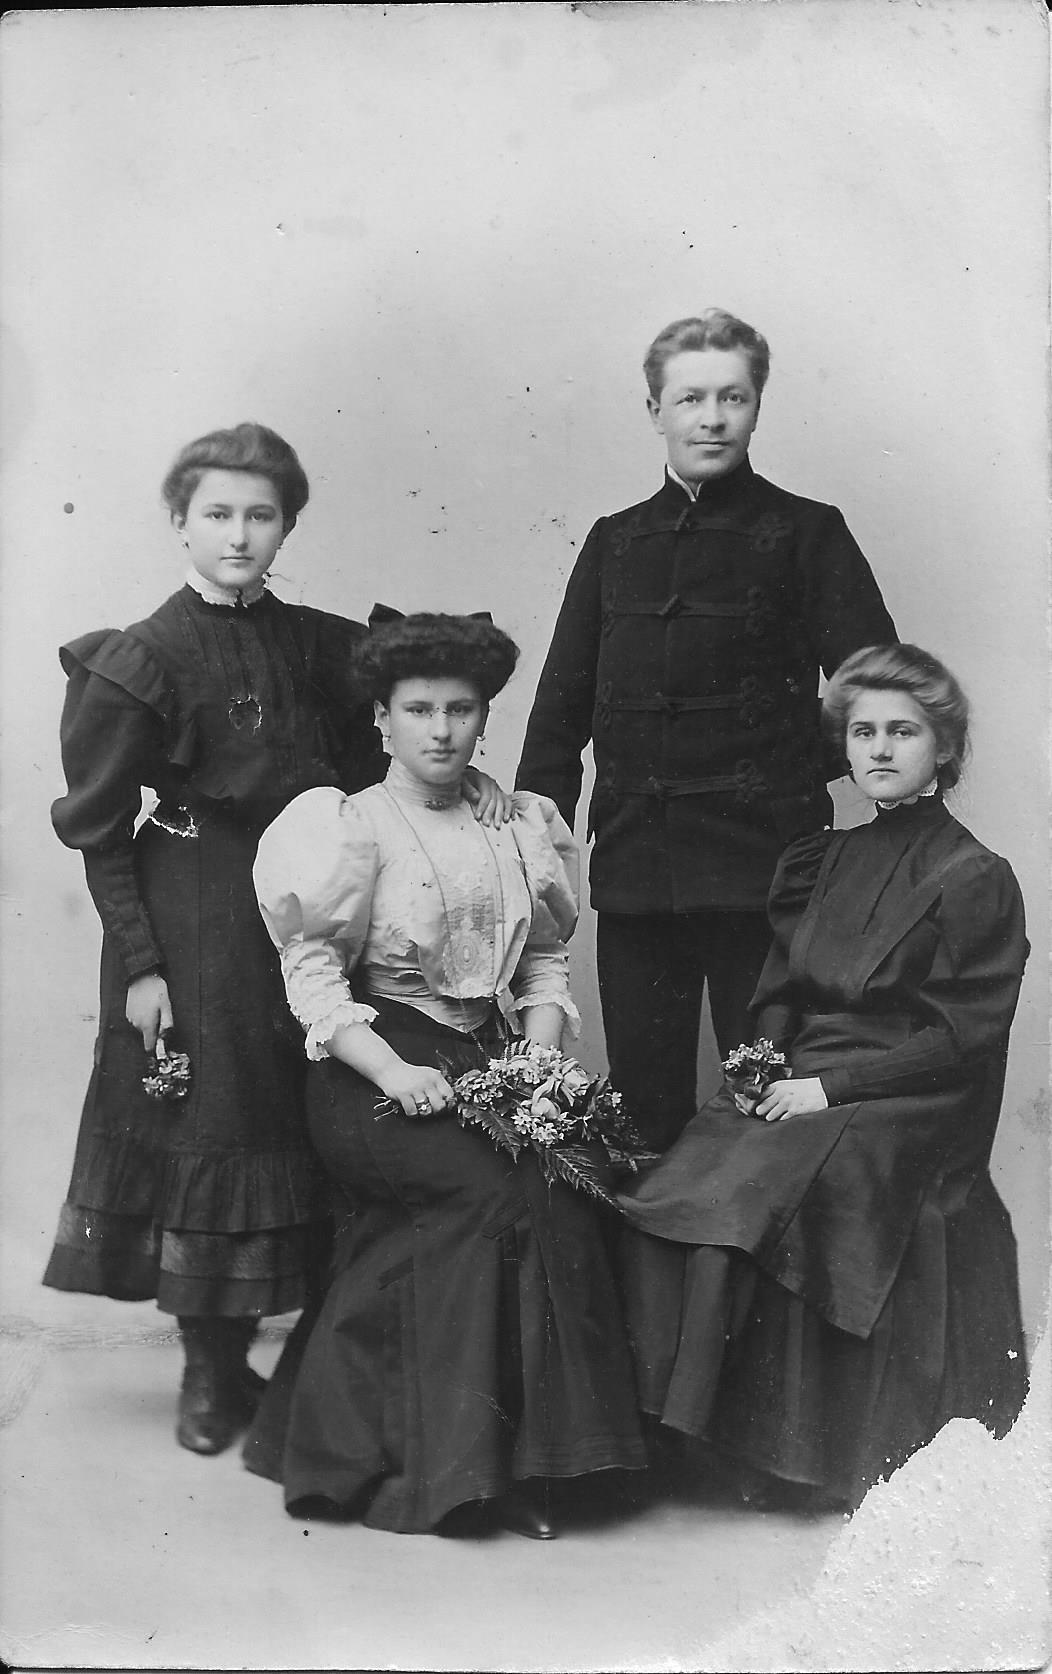 Ryszard i Eugenia Zaruscy z kuzynkami  1907 rok?